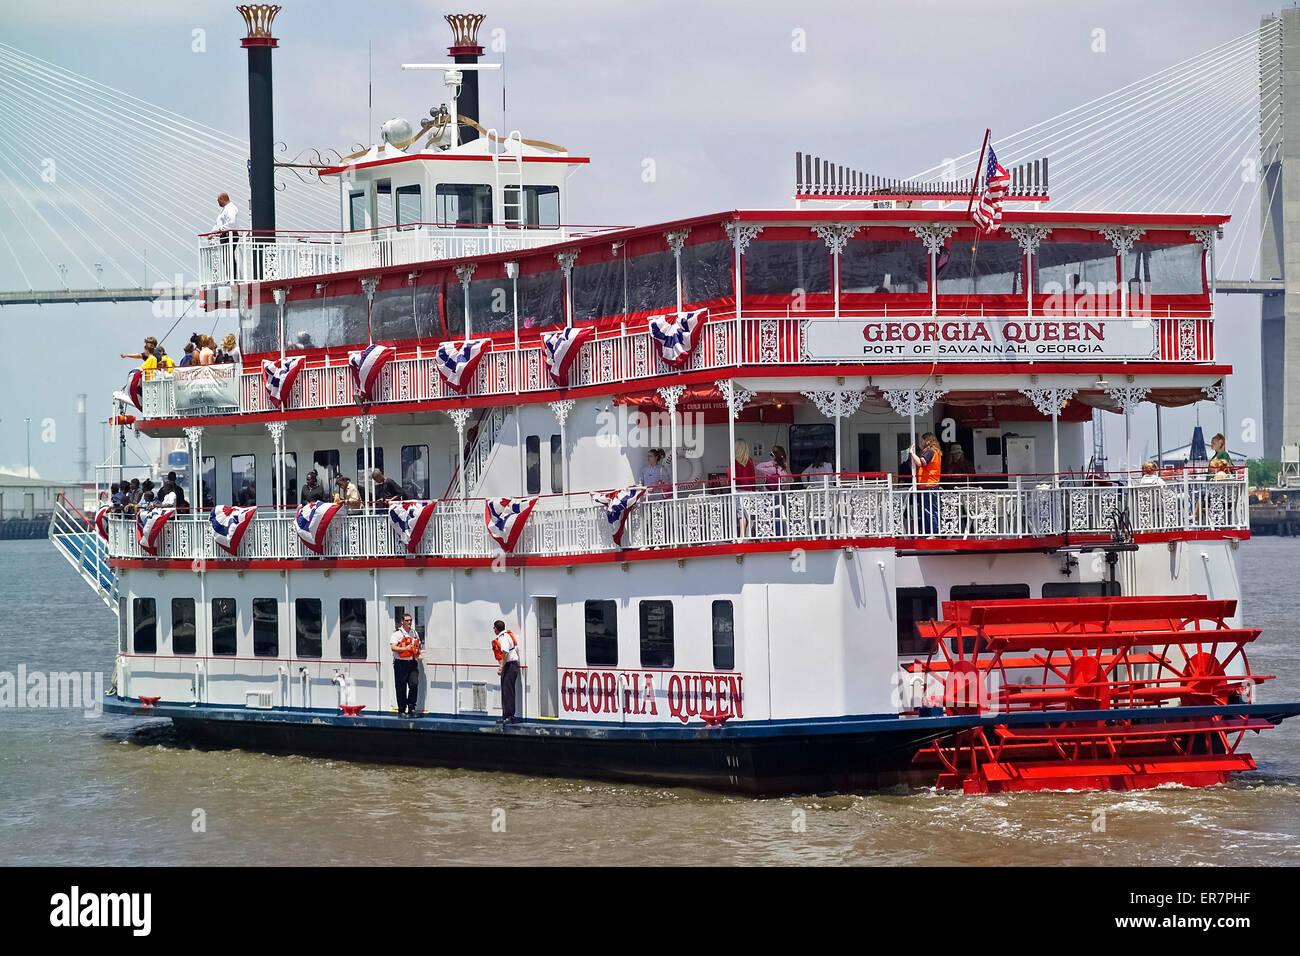 Les élèves obtenir une leçon d'histoire locale à bord d'un bateau de l'ancien temps Photo Stock